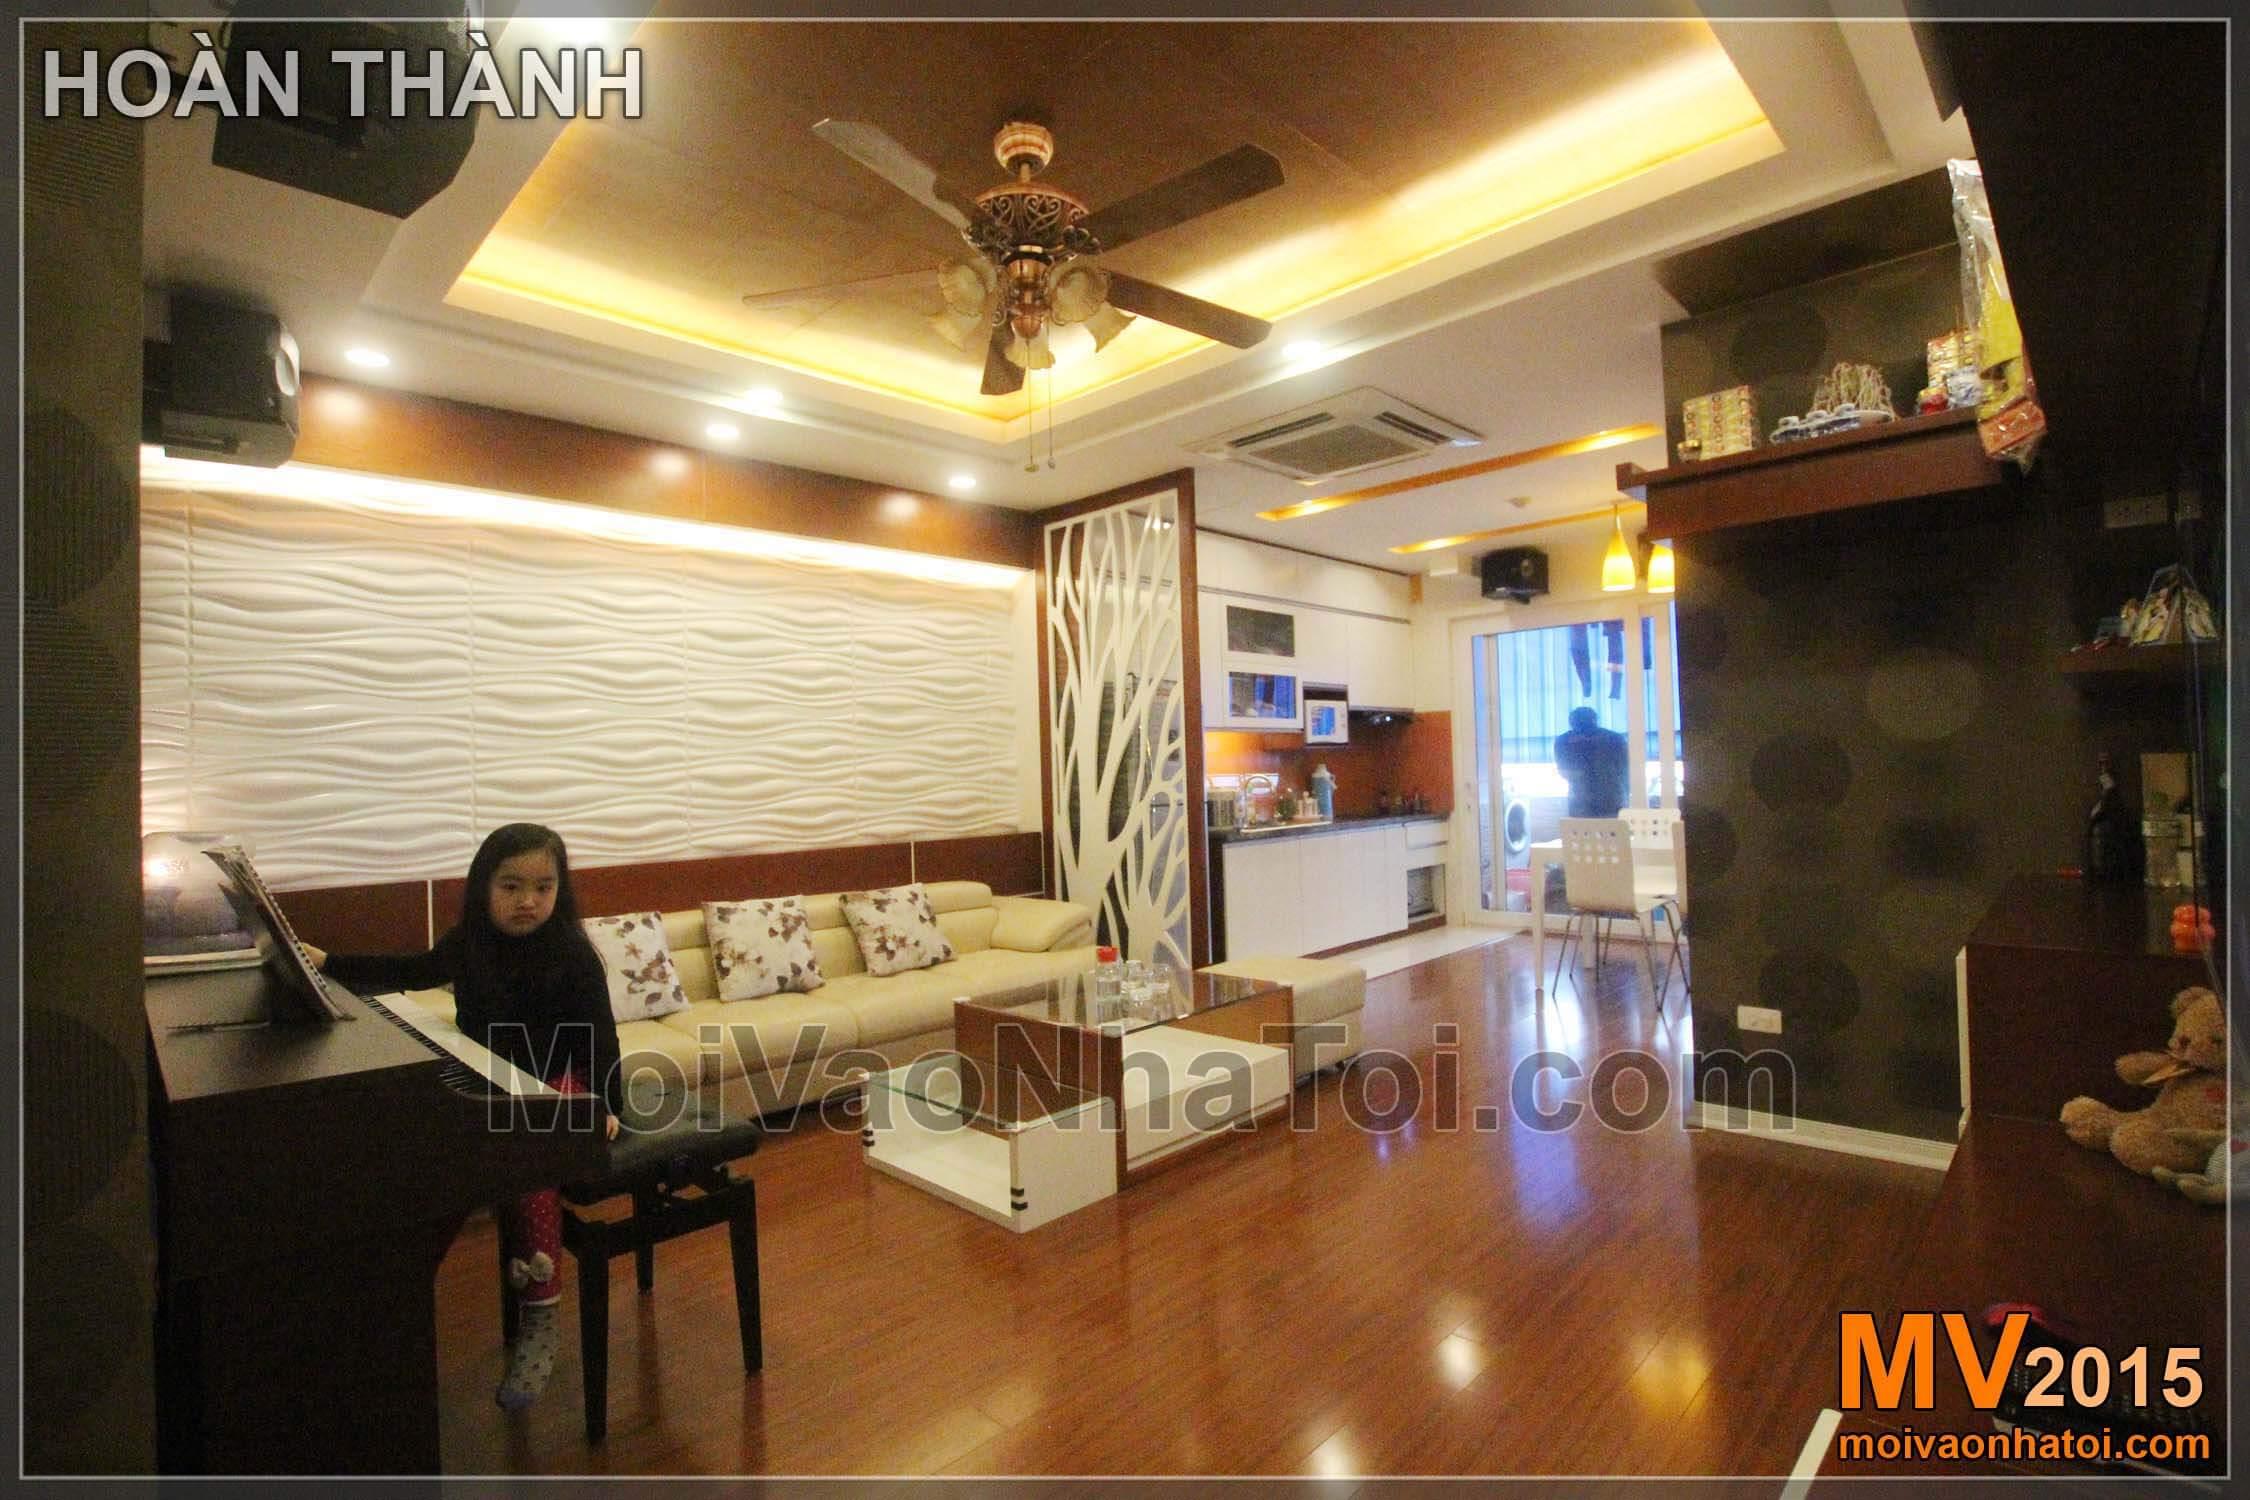 Phòng khách trở nên rộng rãi, sáng sủa sau khi hoàn thiện